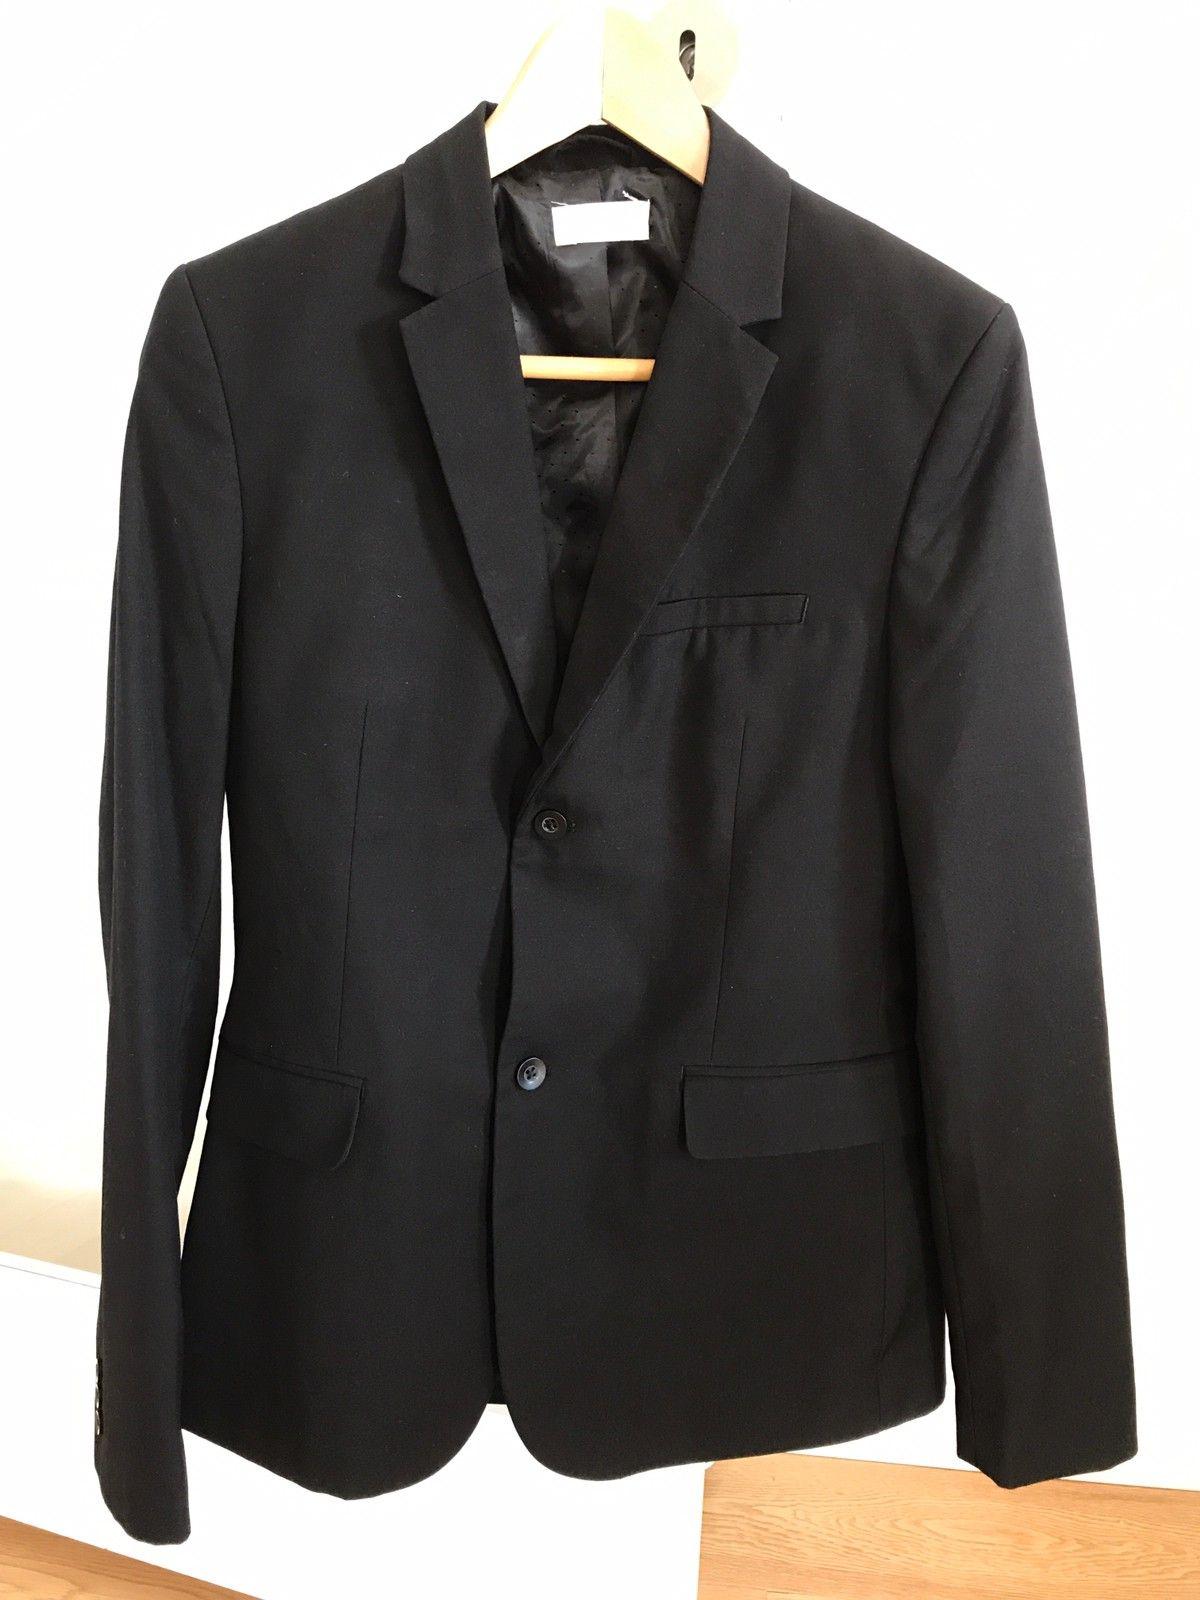 3cdf9ce5 Sort dress fra Kjøpe, selge og utveksle annonser - finn den beste prisen